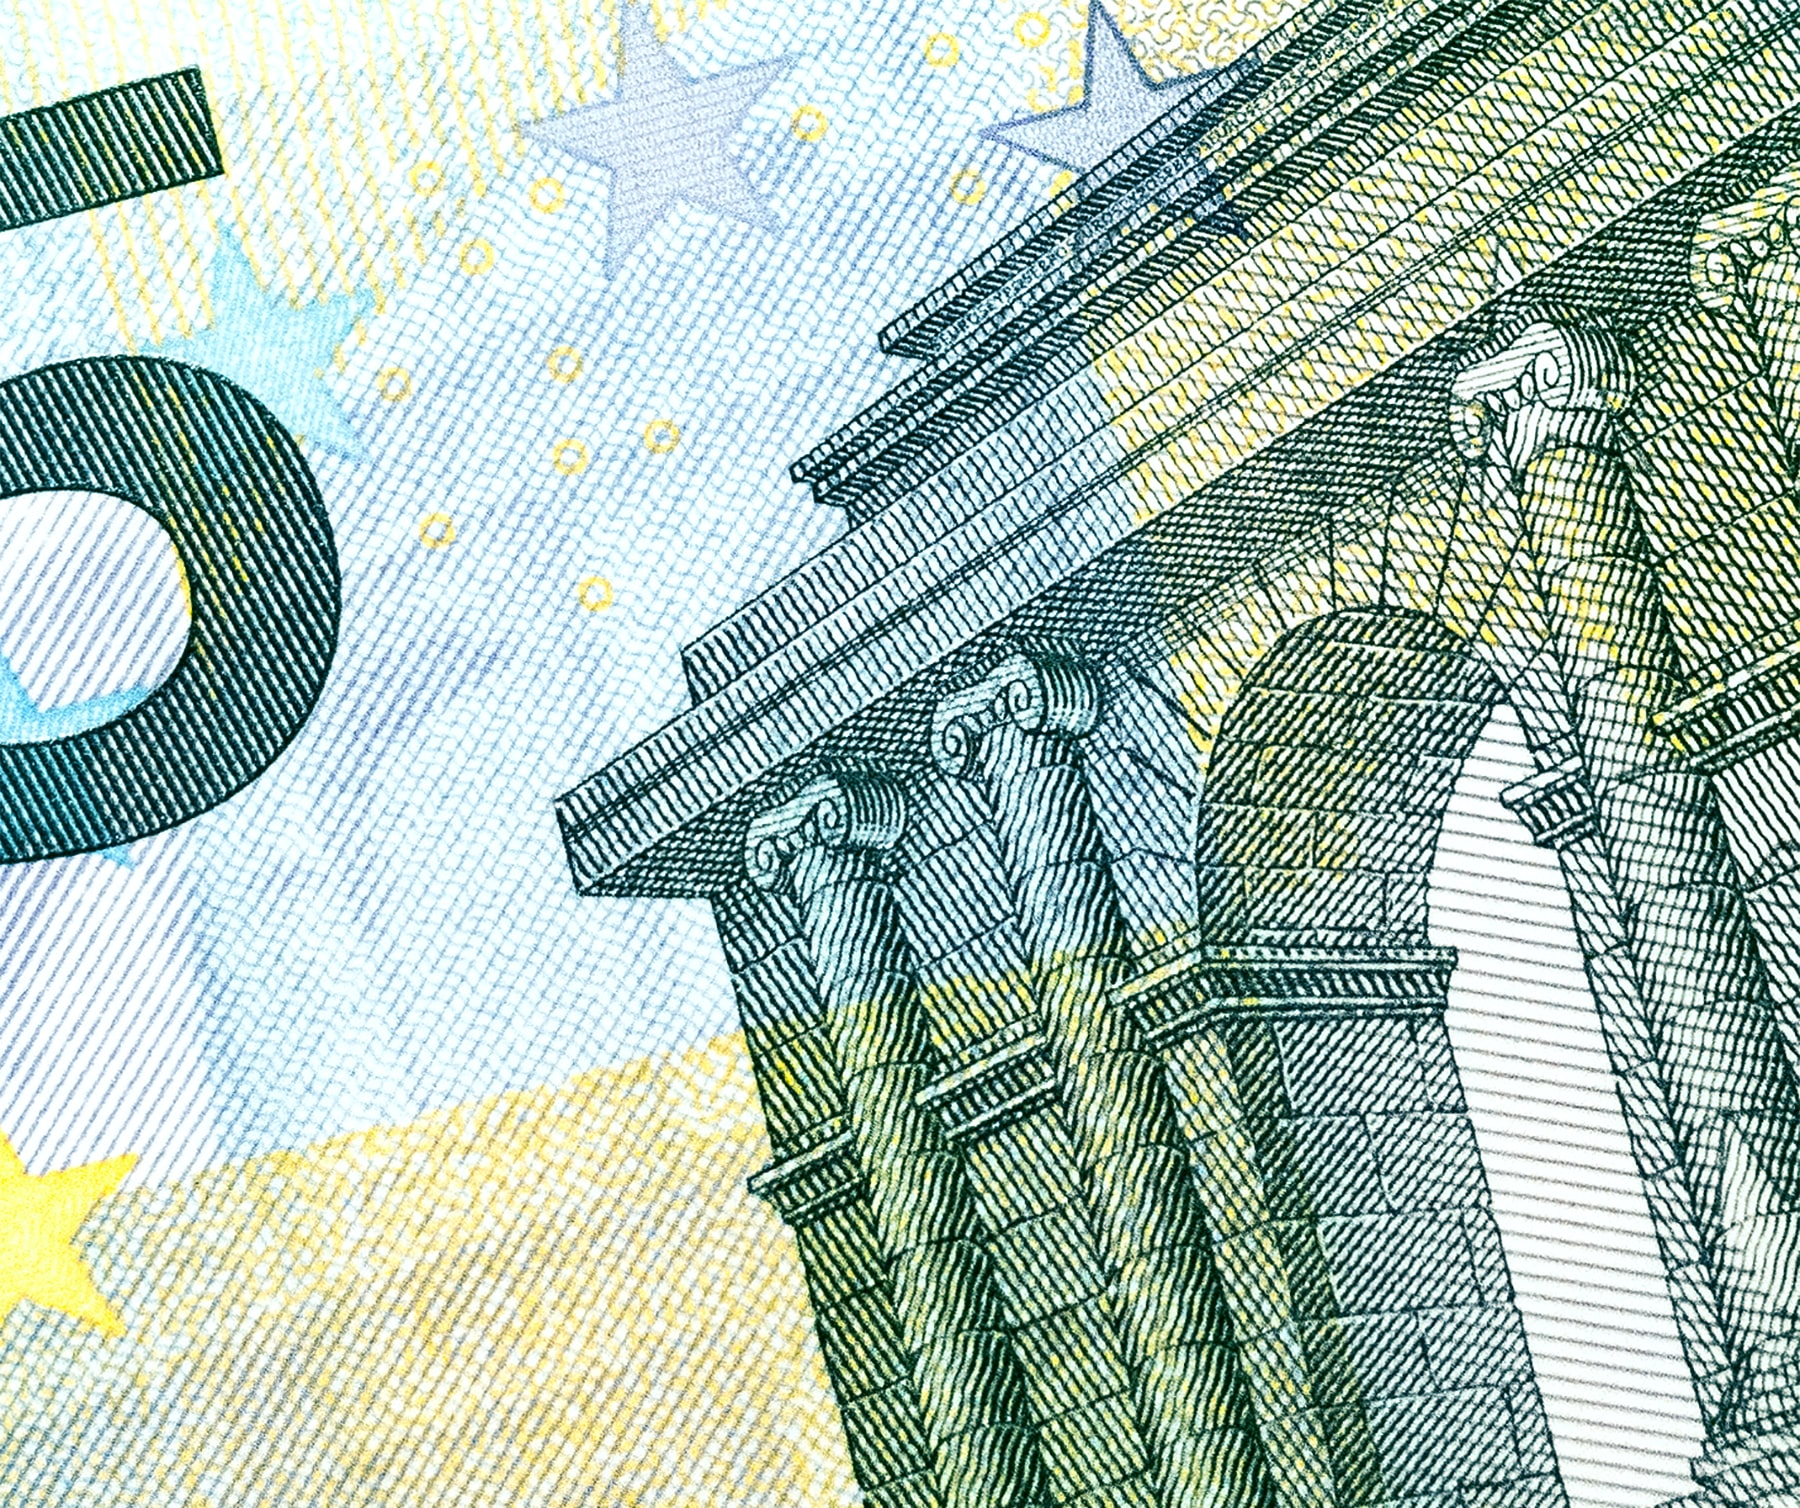 200 miljoen euro voor bij- en omscholing